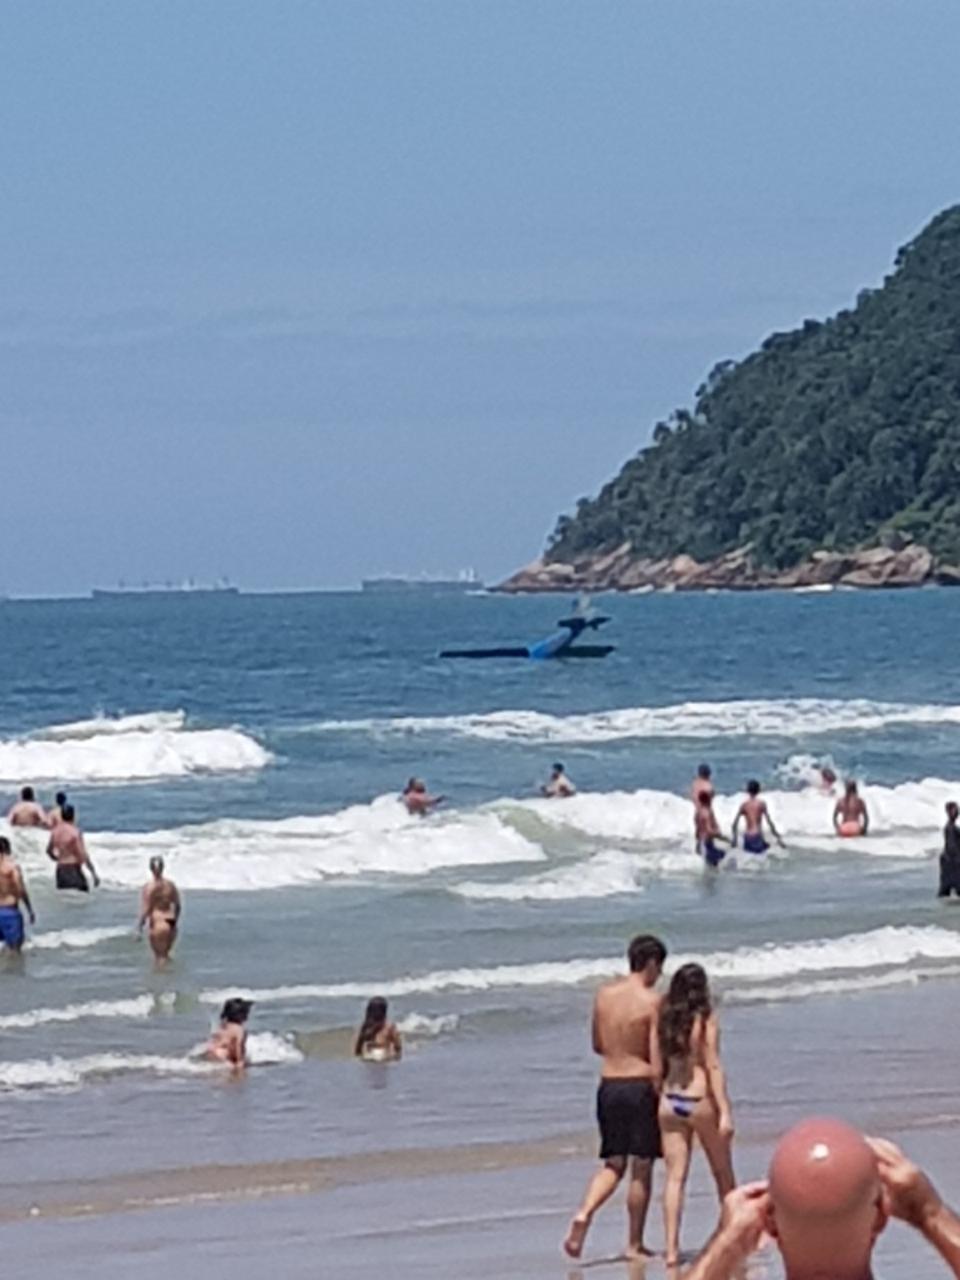 Piloto diz que teve sorte ao sobreviver após avião cair dentro do mar em SP